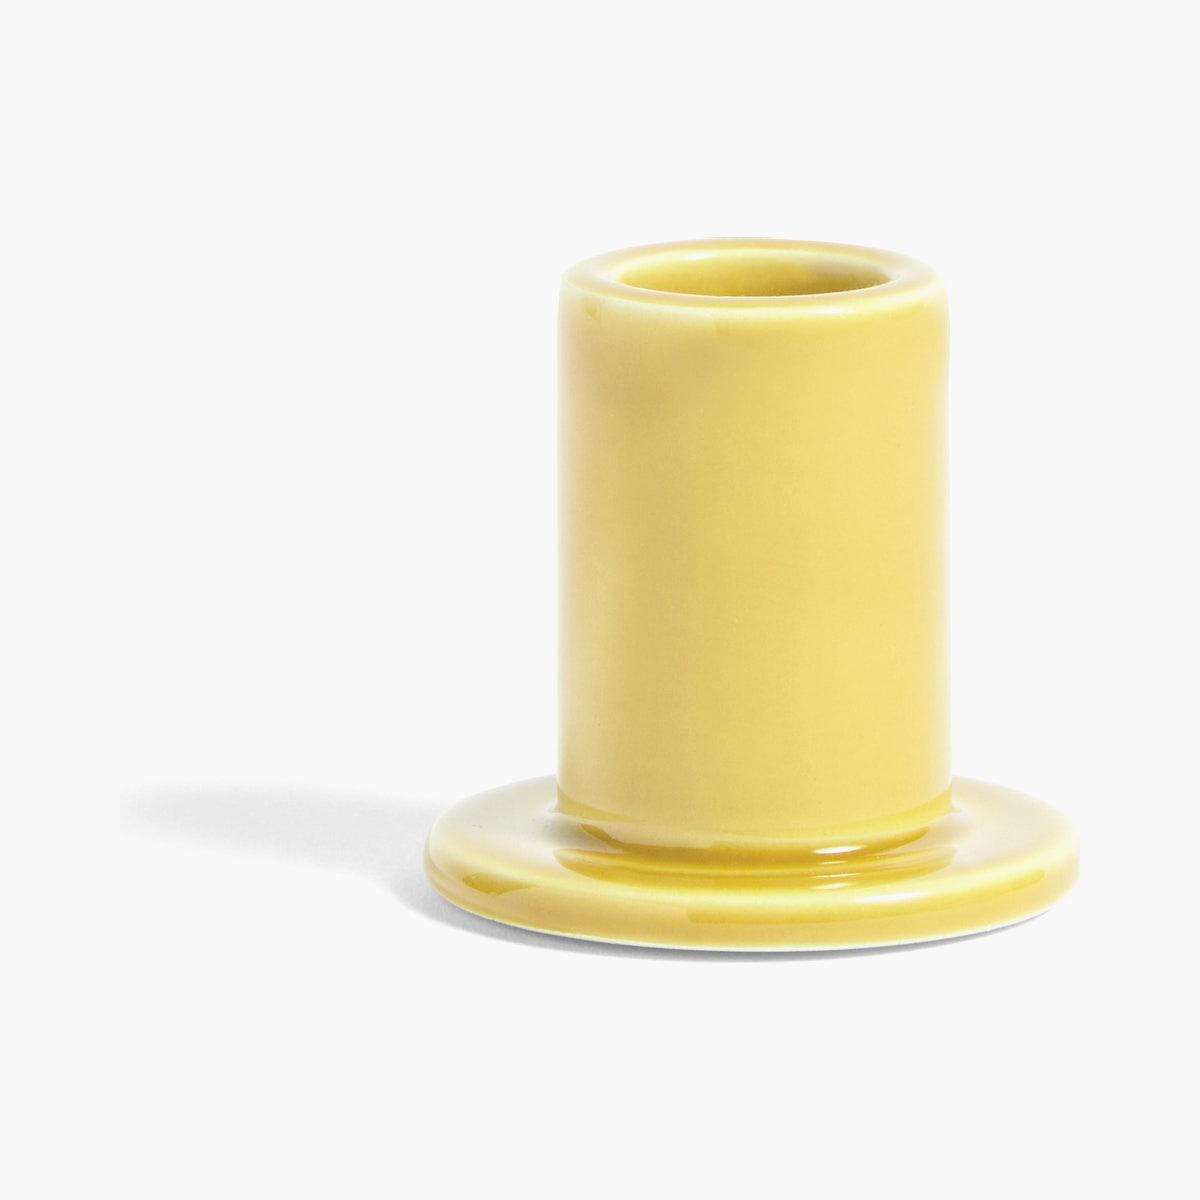 Tube Candle Holder